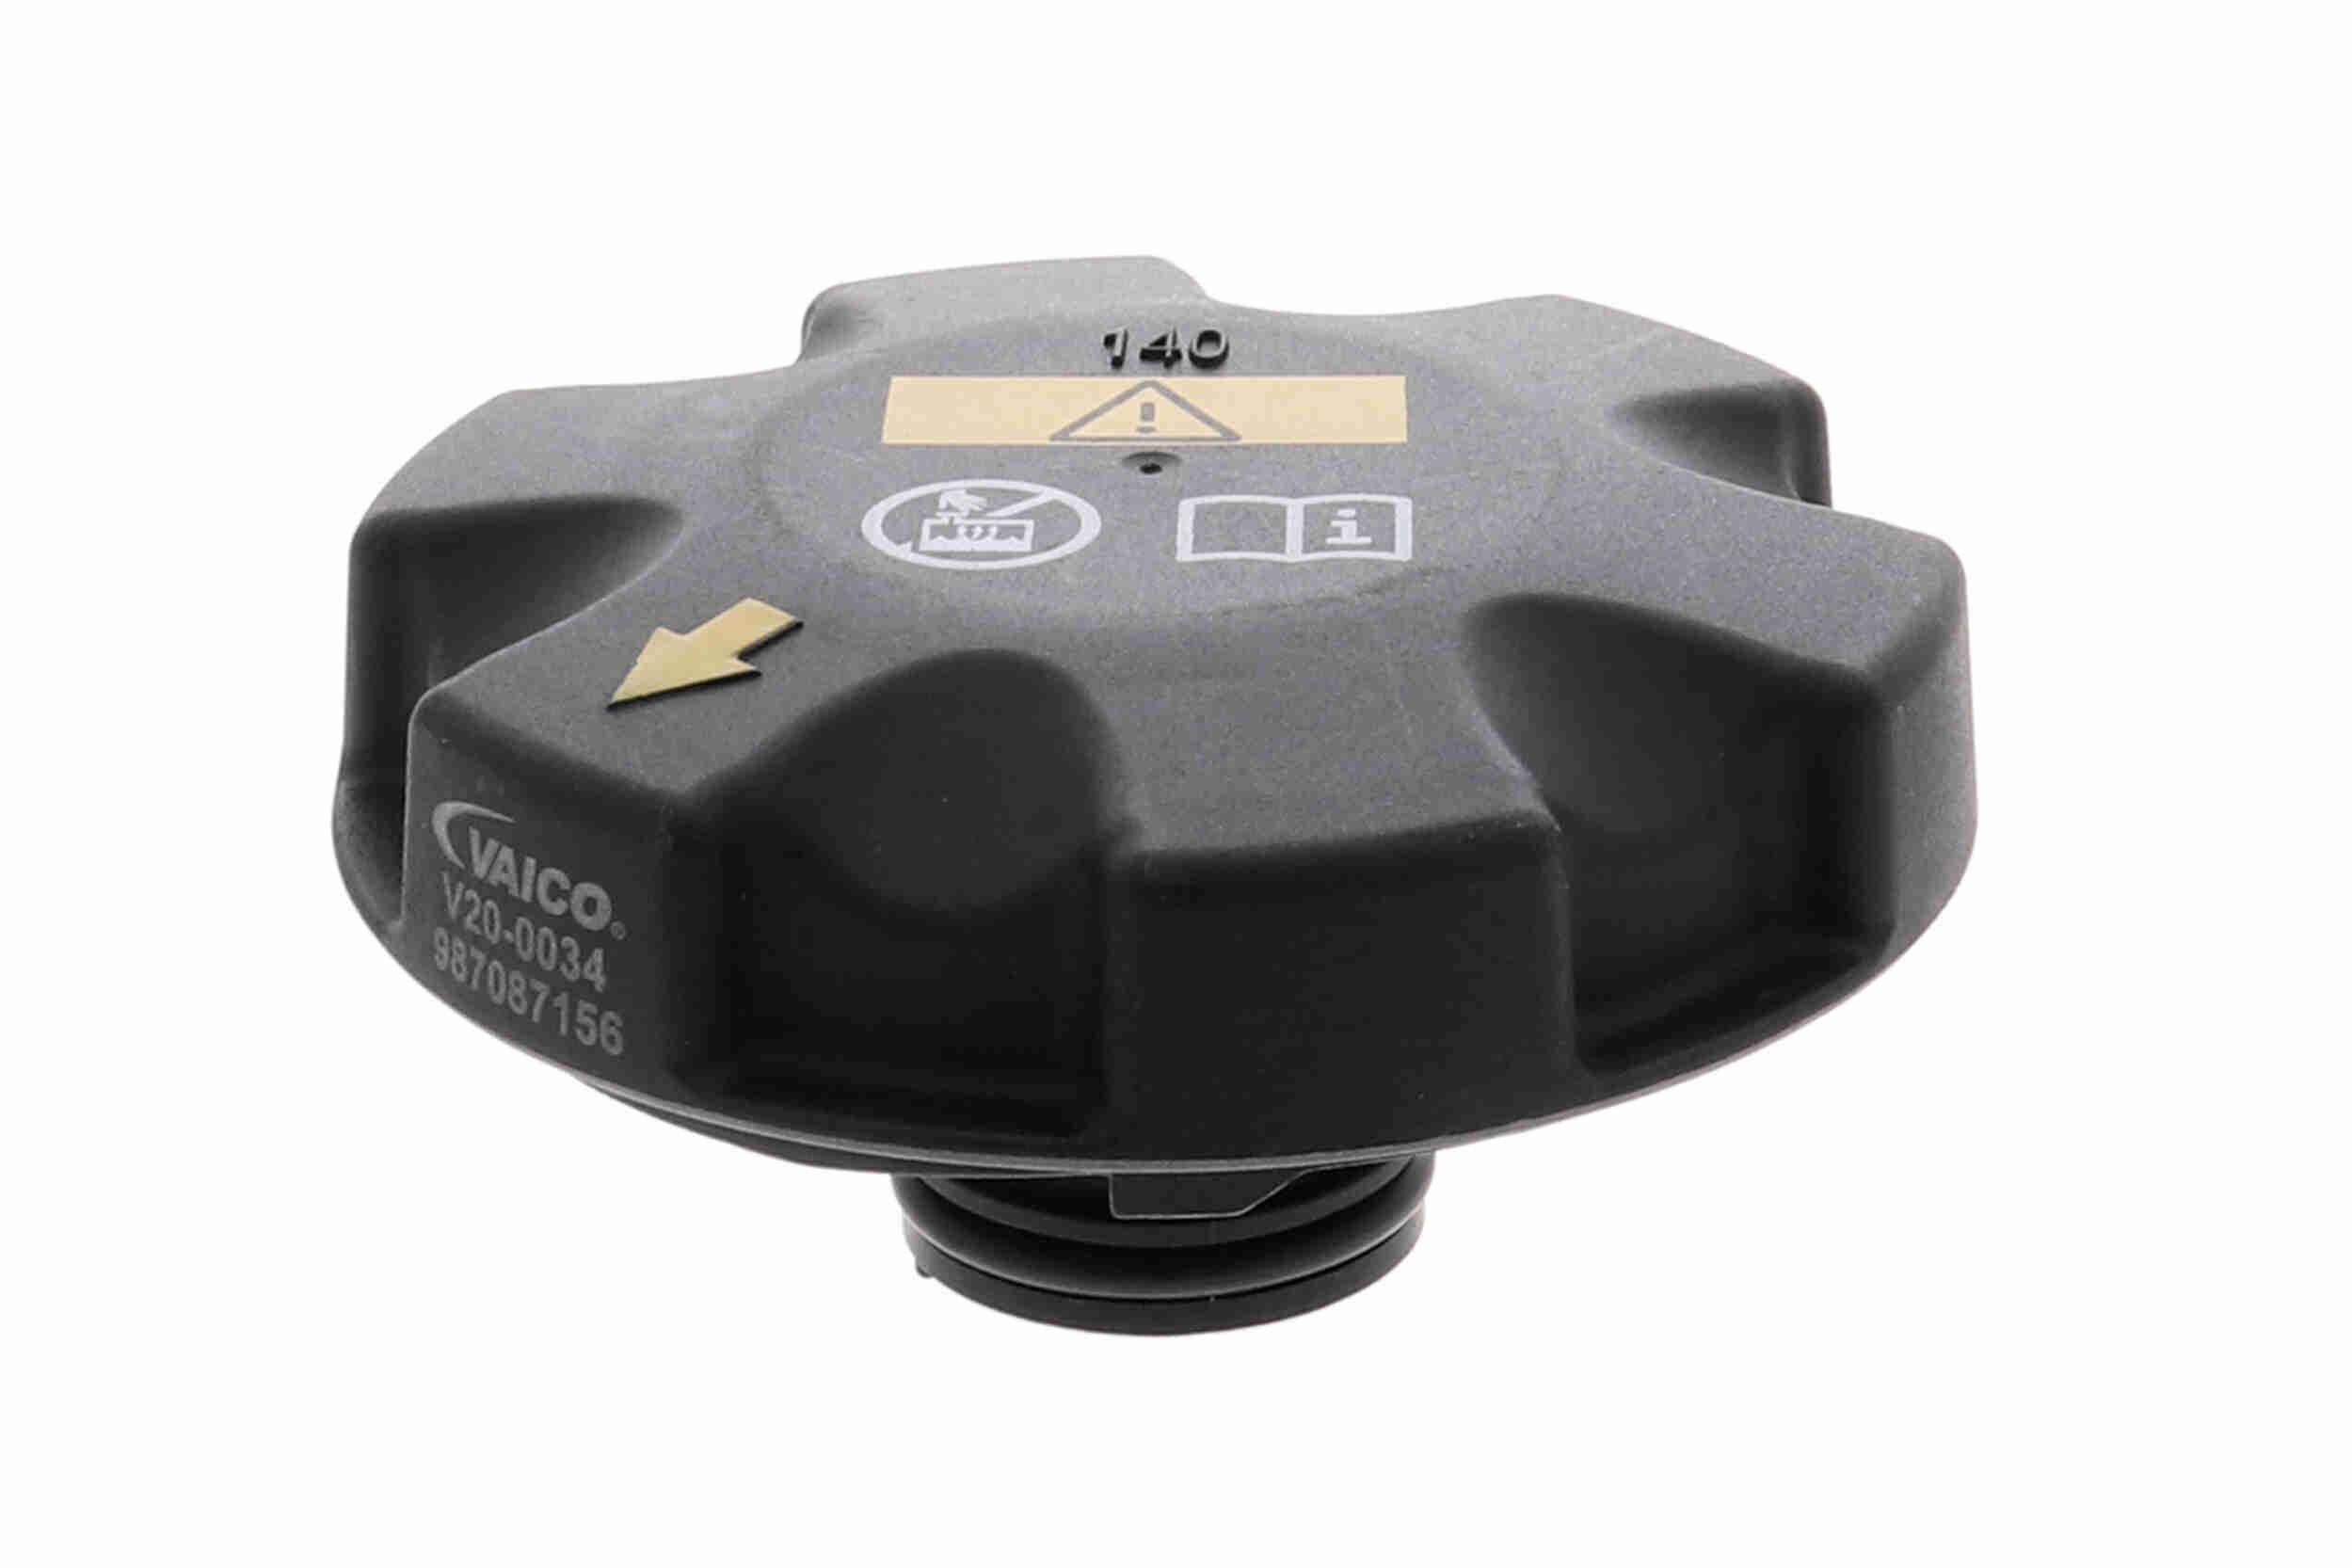 Koelsysteem V20-0034 met een uitzonderlijke VAICO prijs-prestatieverhouding